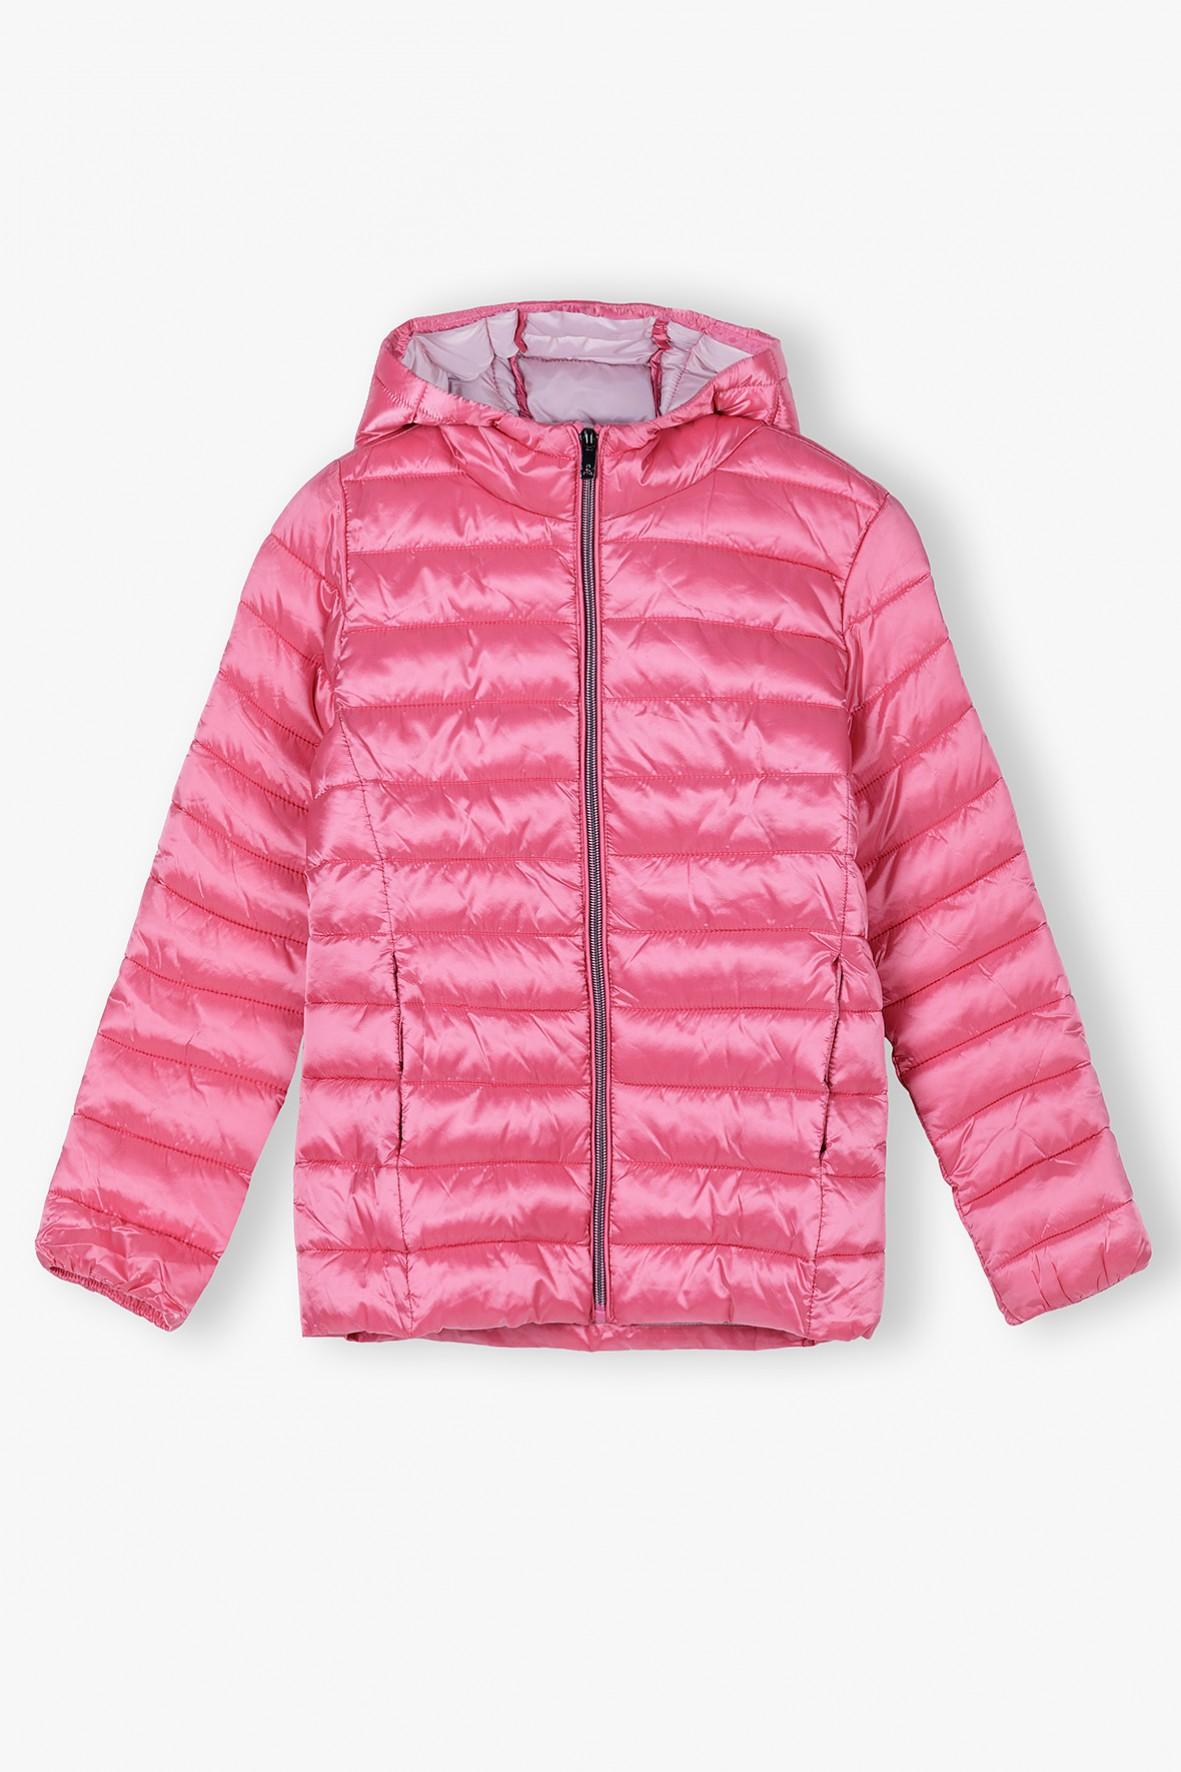 Kurtka dziewczęca różowa- pikowana